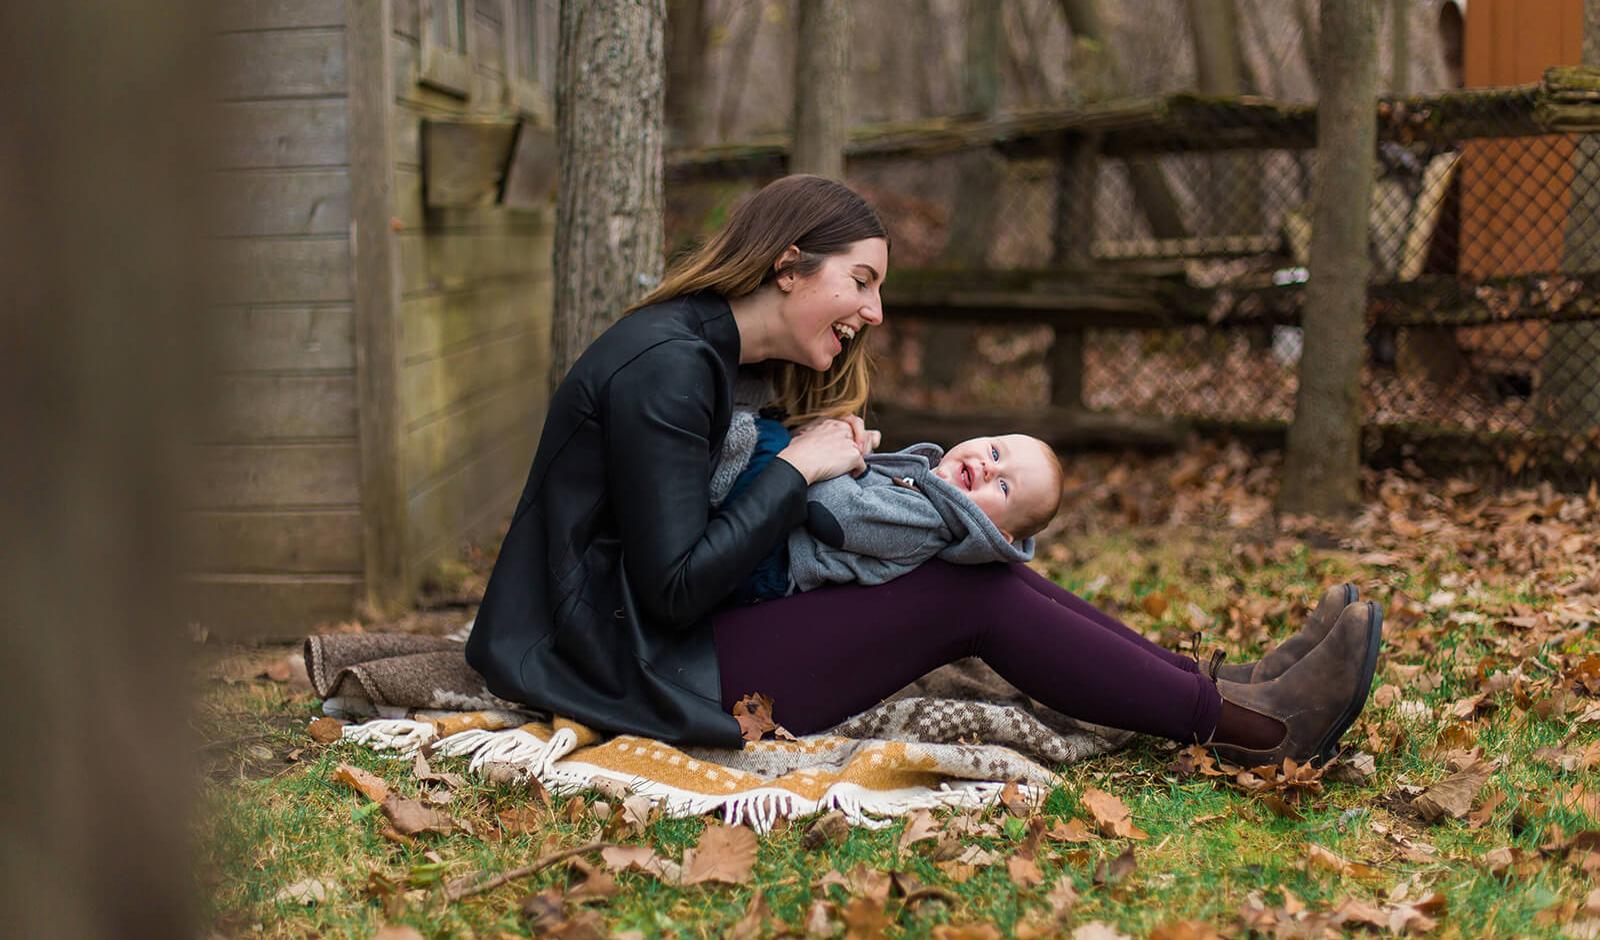 Jesseka Melanie Photography | Family Lifestyle Photographer